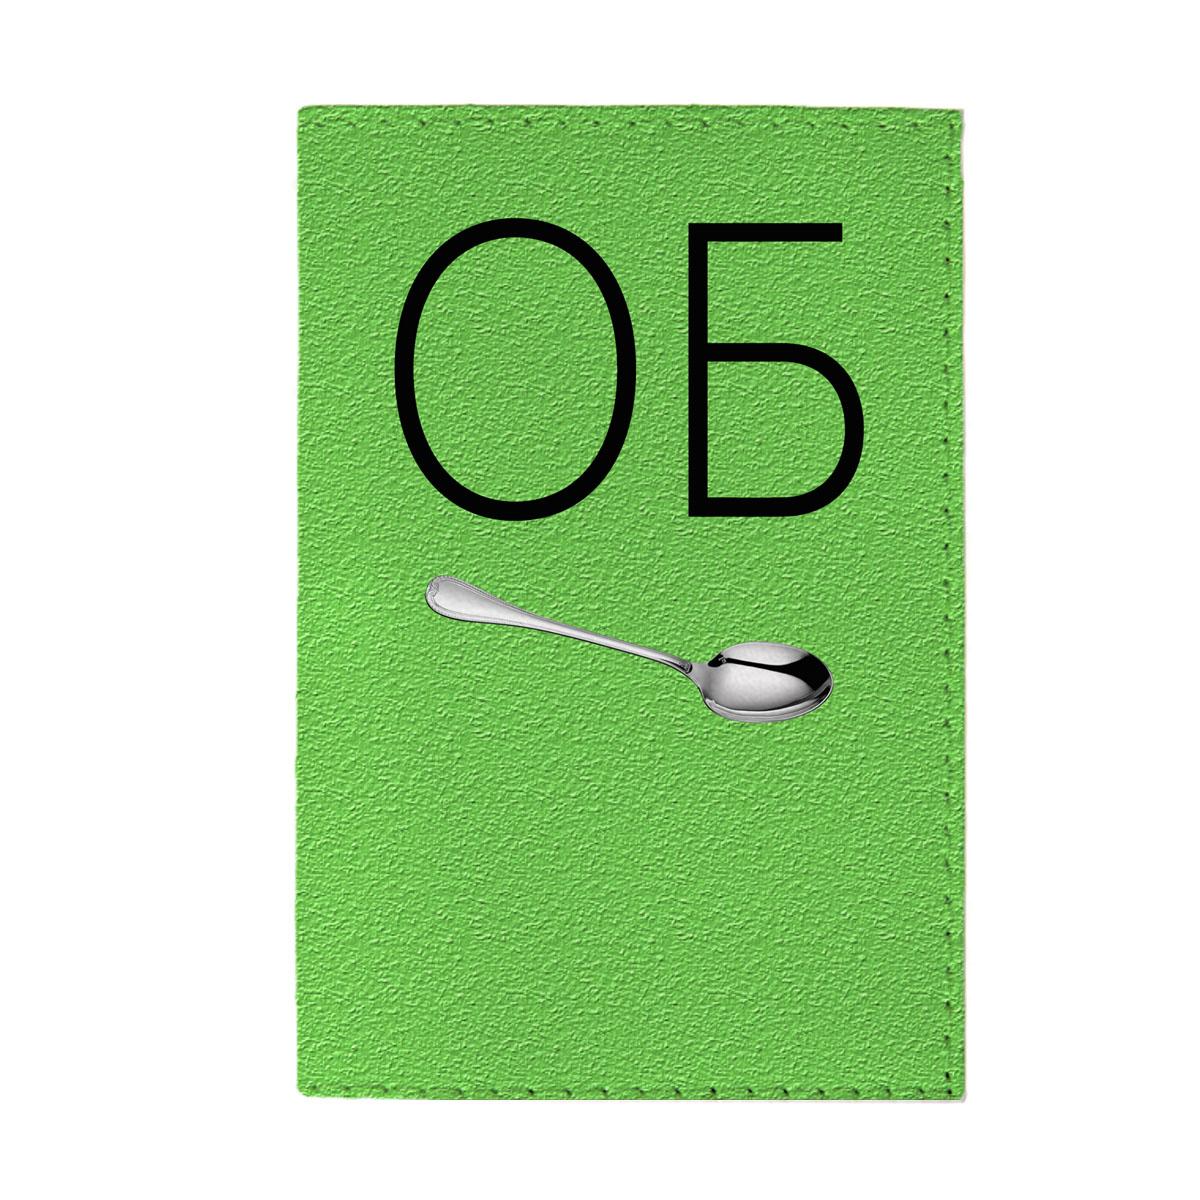 Обложка для паспорта Mitya Veselkov Ребус, цвет: зеленый. OZAM410OZAM410Обложка для паспорта Mitya Veselkov Ребус не только поможет сохранить внешний вид ваших документов и защитить их от повреждений, но и станет стильным аксессуаром, идеально подходящим вашему образу. Она выполнена из поливинилхлорида, внутри имеет два вертикальных кармашка из прозрачного пластика. Такая обложка поможет вам подчеркнуть свою индивидуальность и неповторимость! Обложка для паспорта стильного дизайна может быть достойным и оригинальным подарком.